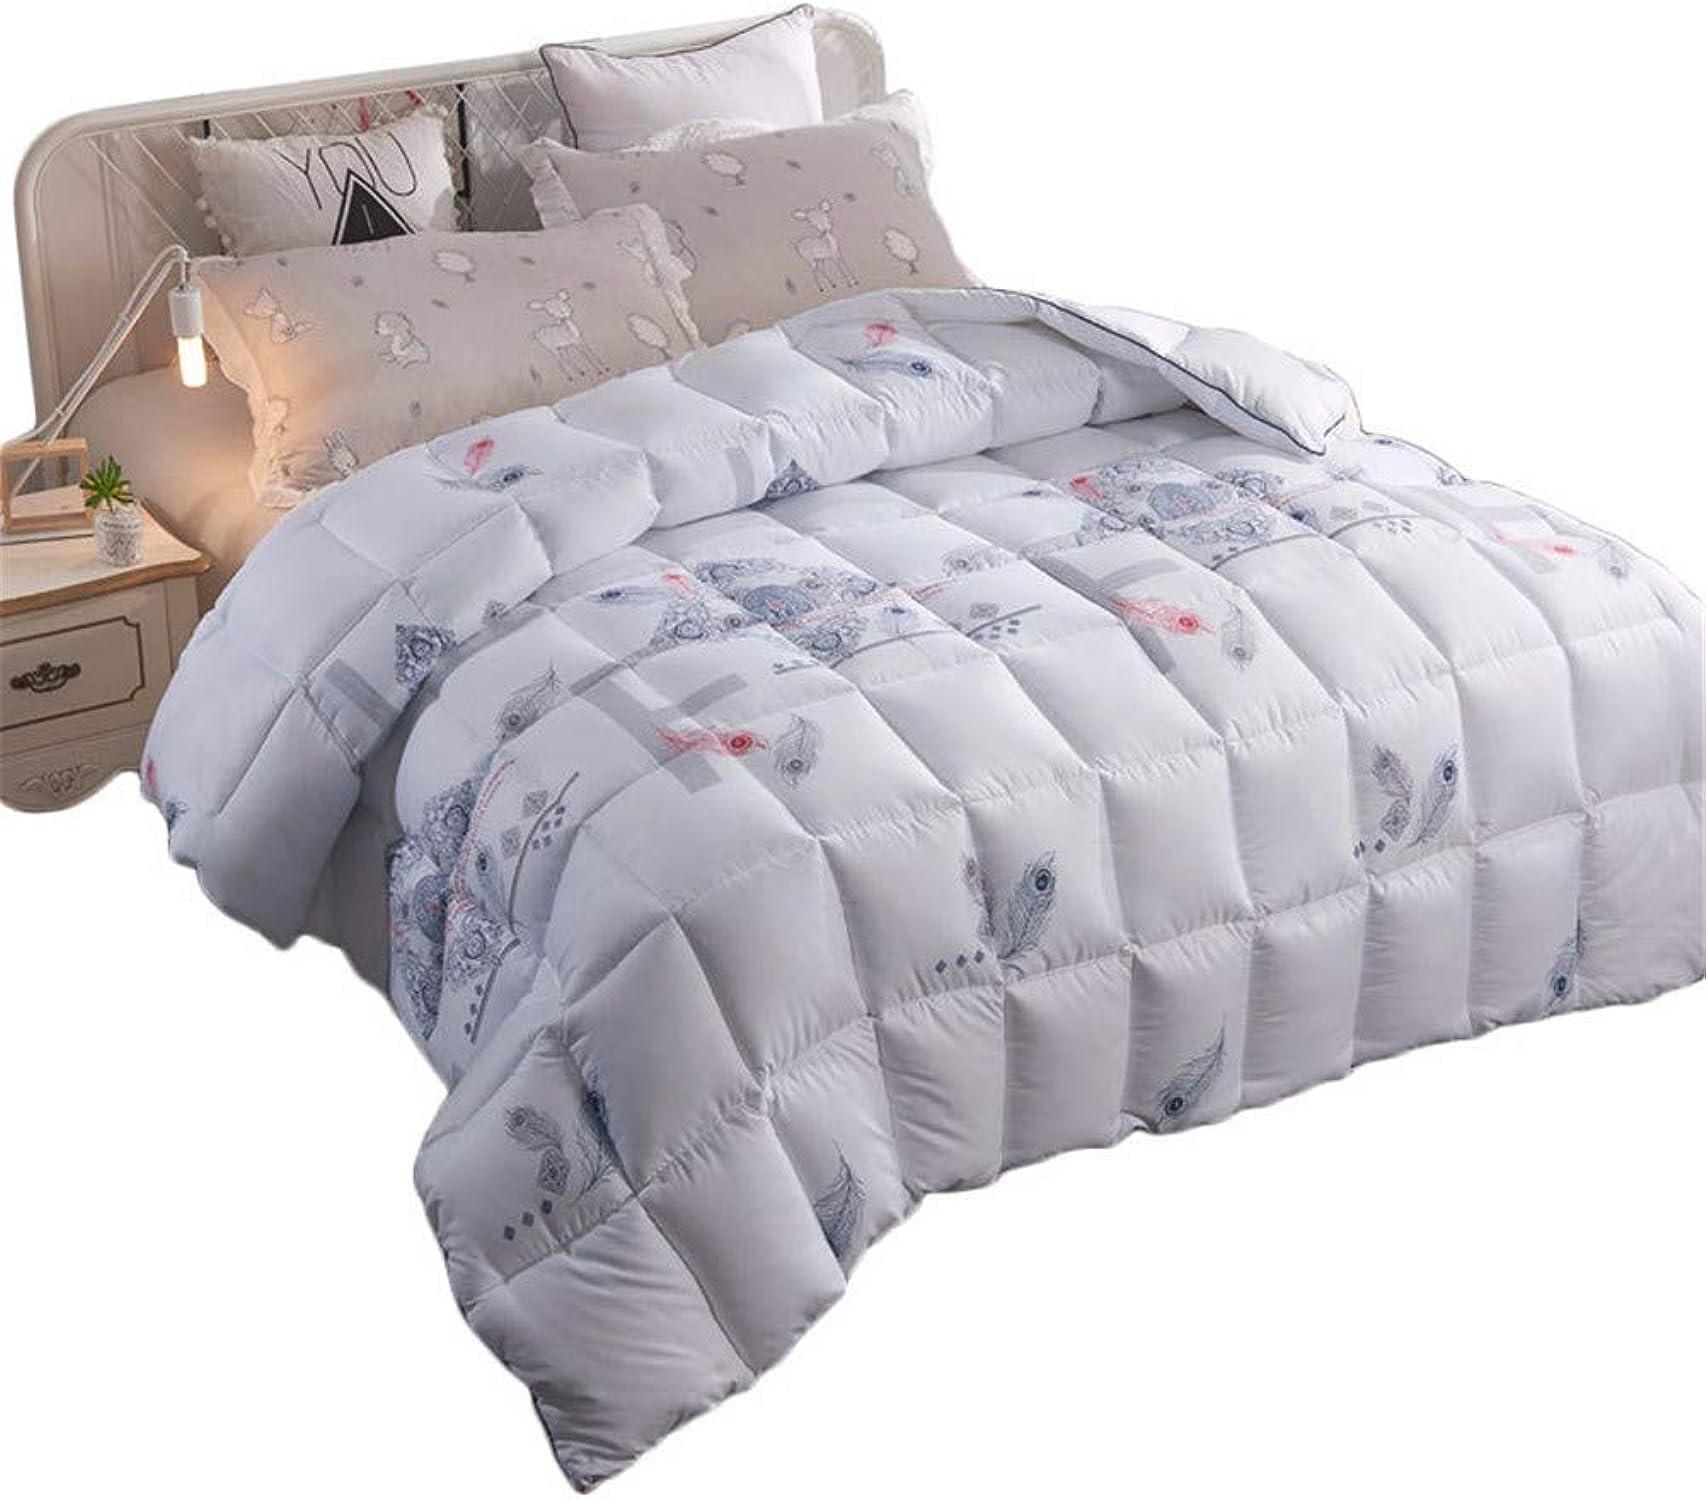 WanJiahomengrenerop Couettes Couette épaisse en Cachemire Chaude et Confortable Nécessaire en Hiver Article de literie Taille Multi en Option, 220x240cm 4kg